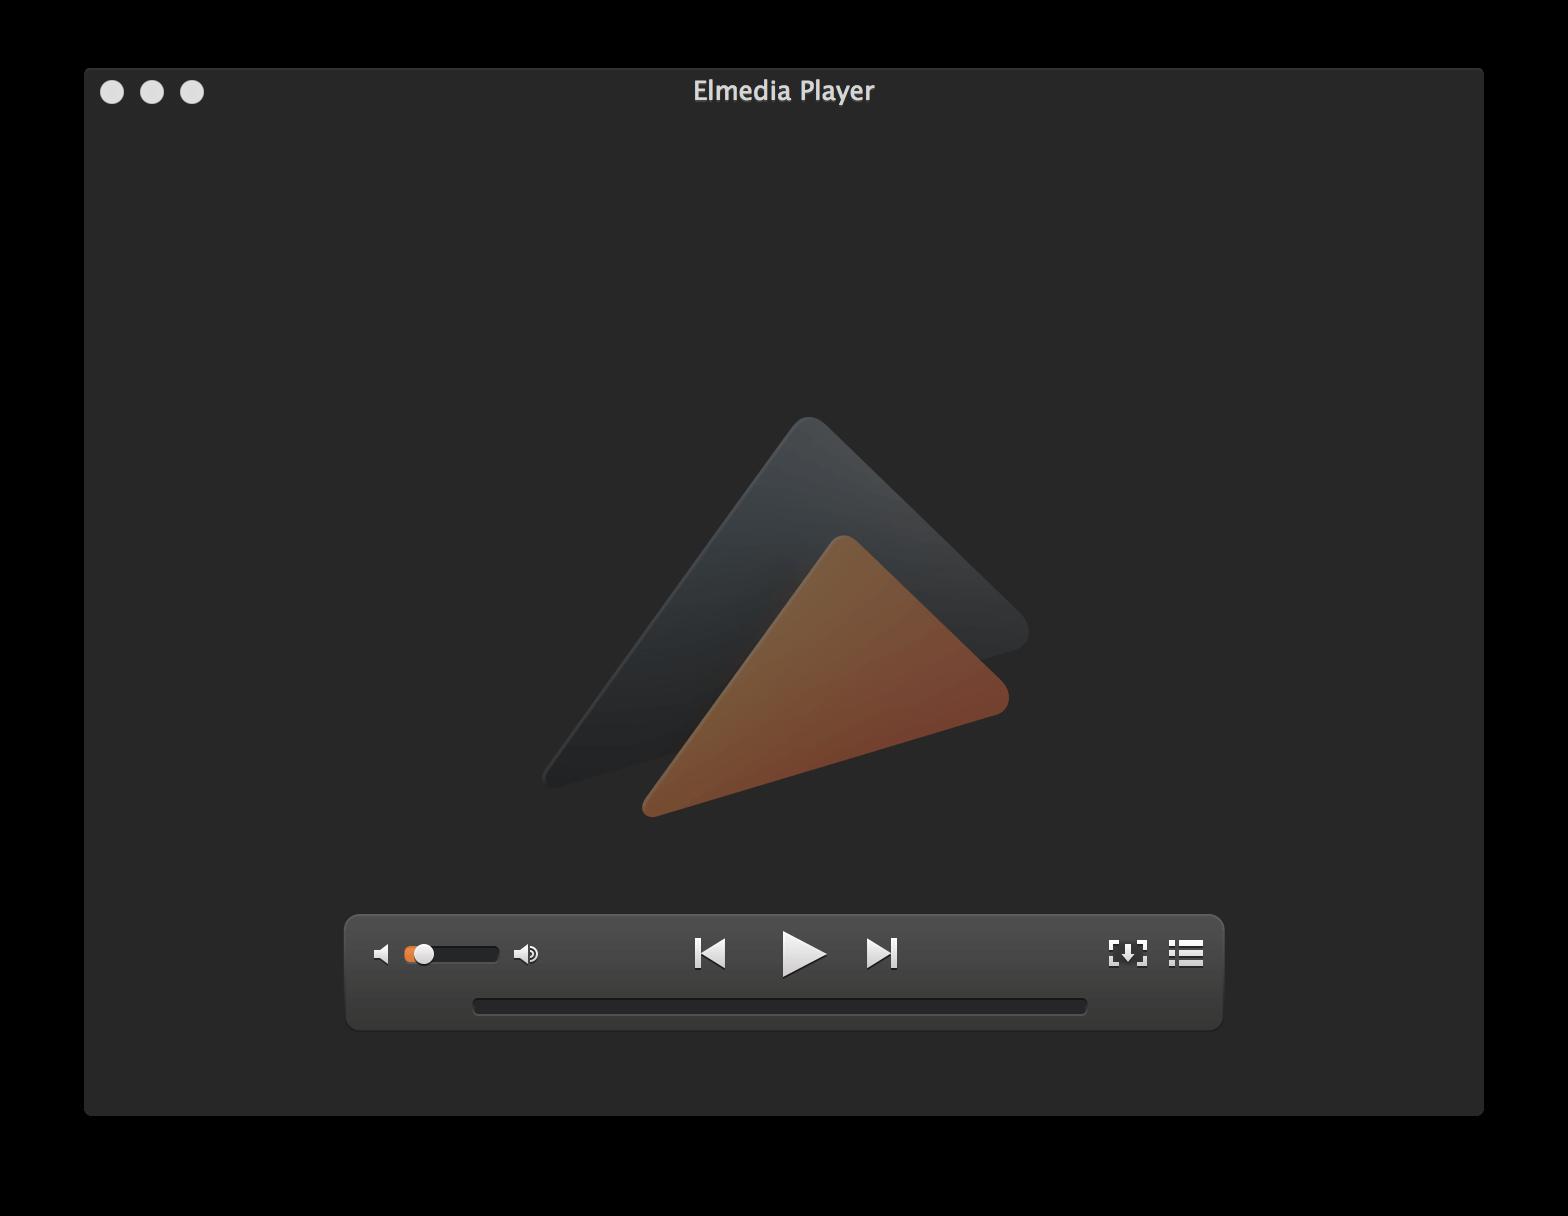 Приложения Folx и Elmedia Player для Mac заражены вирусом